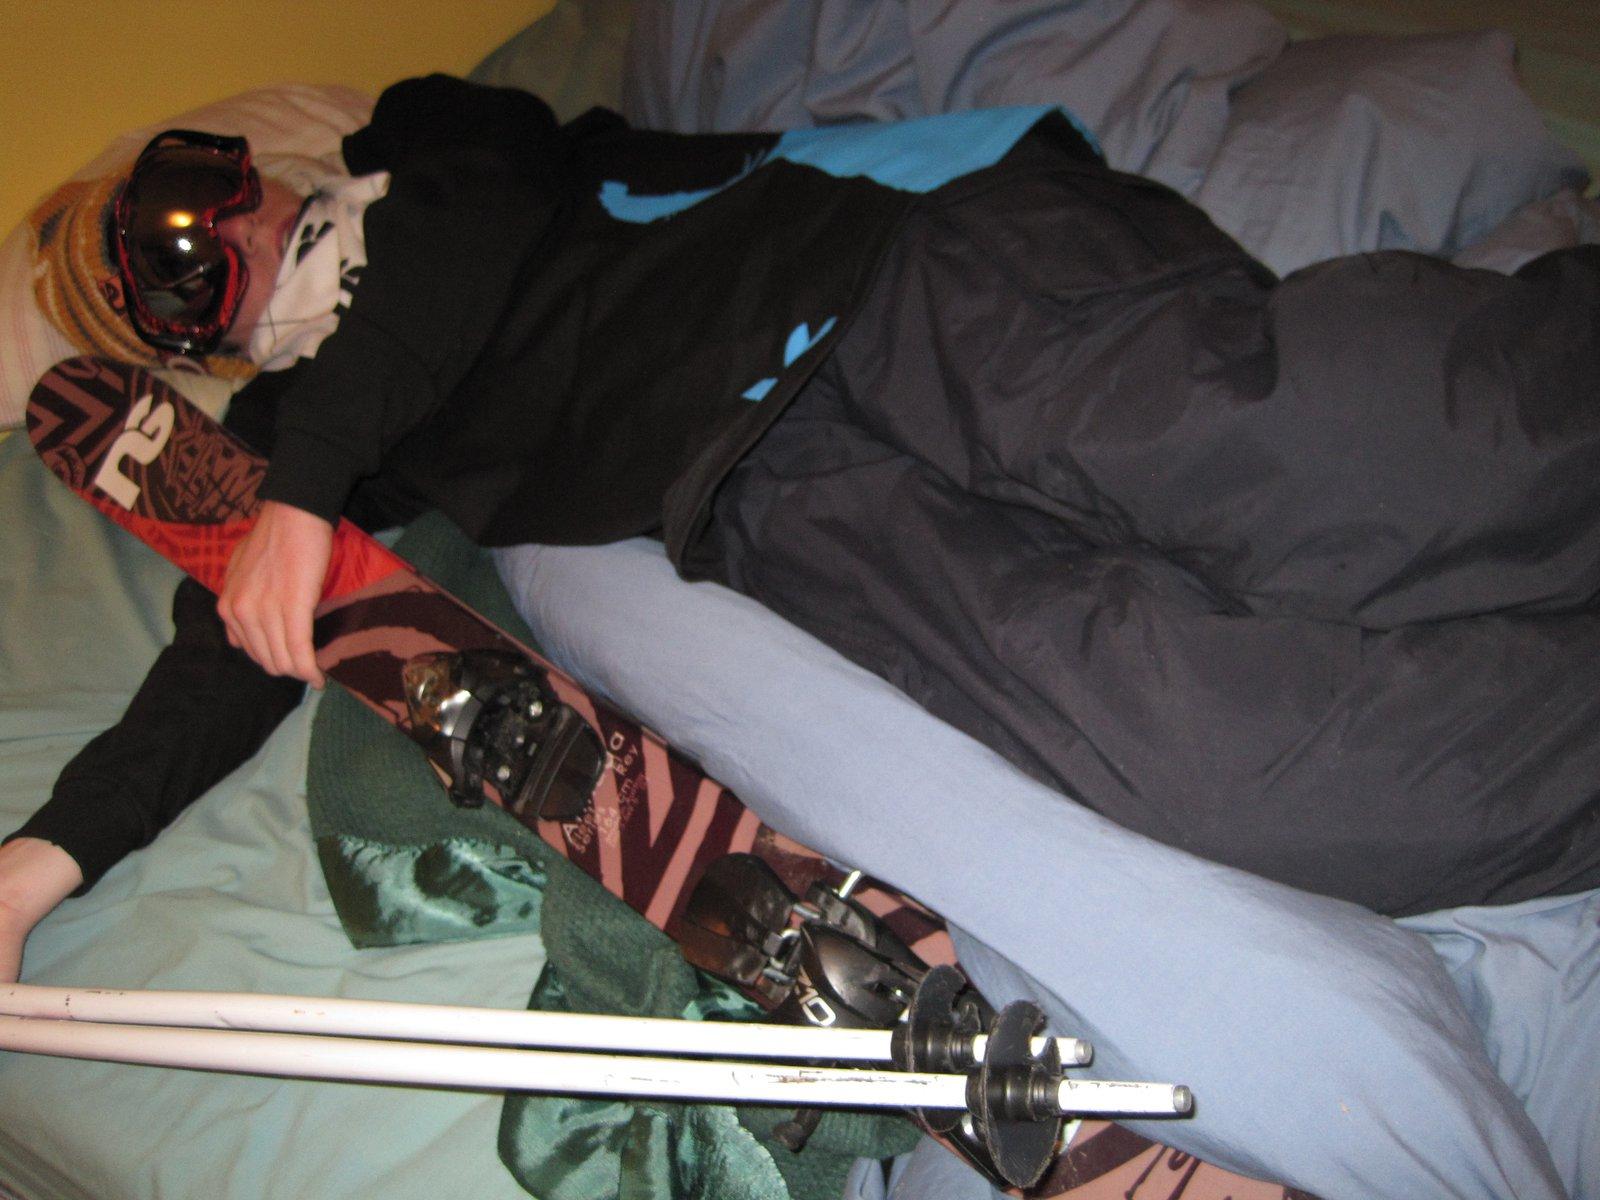 I prefer to be prepared When I ski in my sleep.